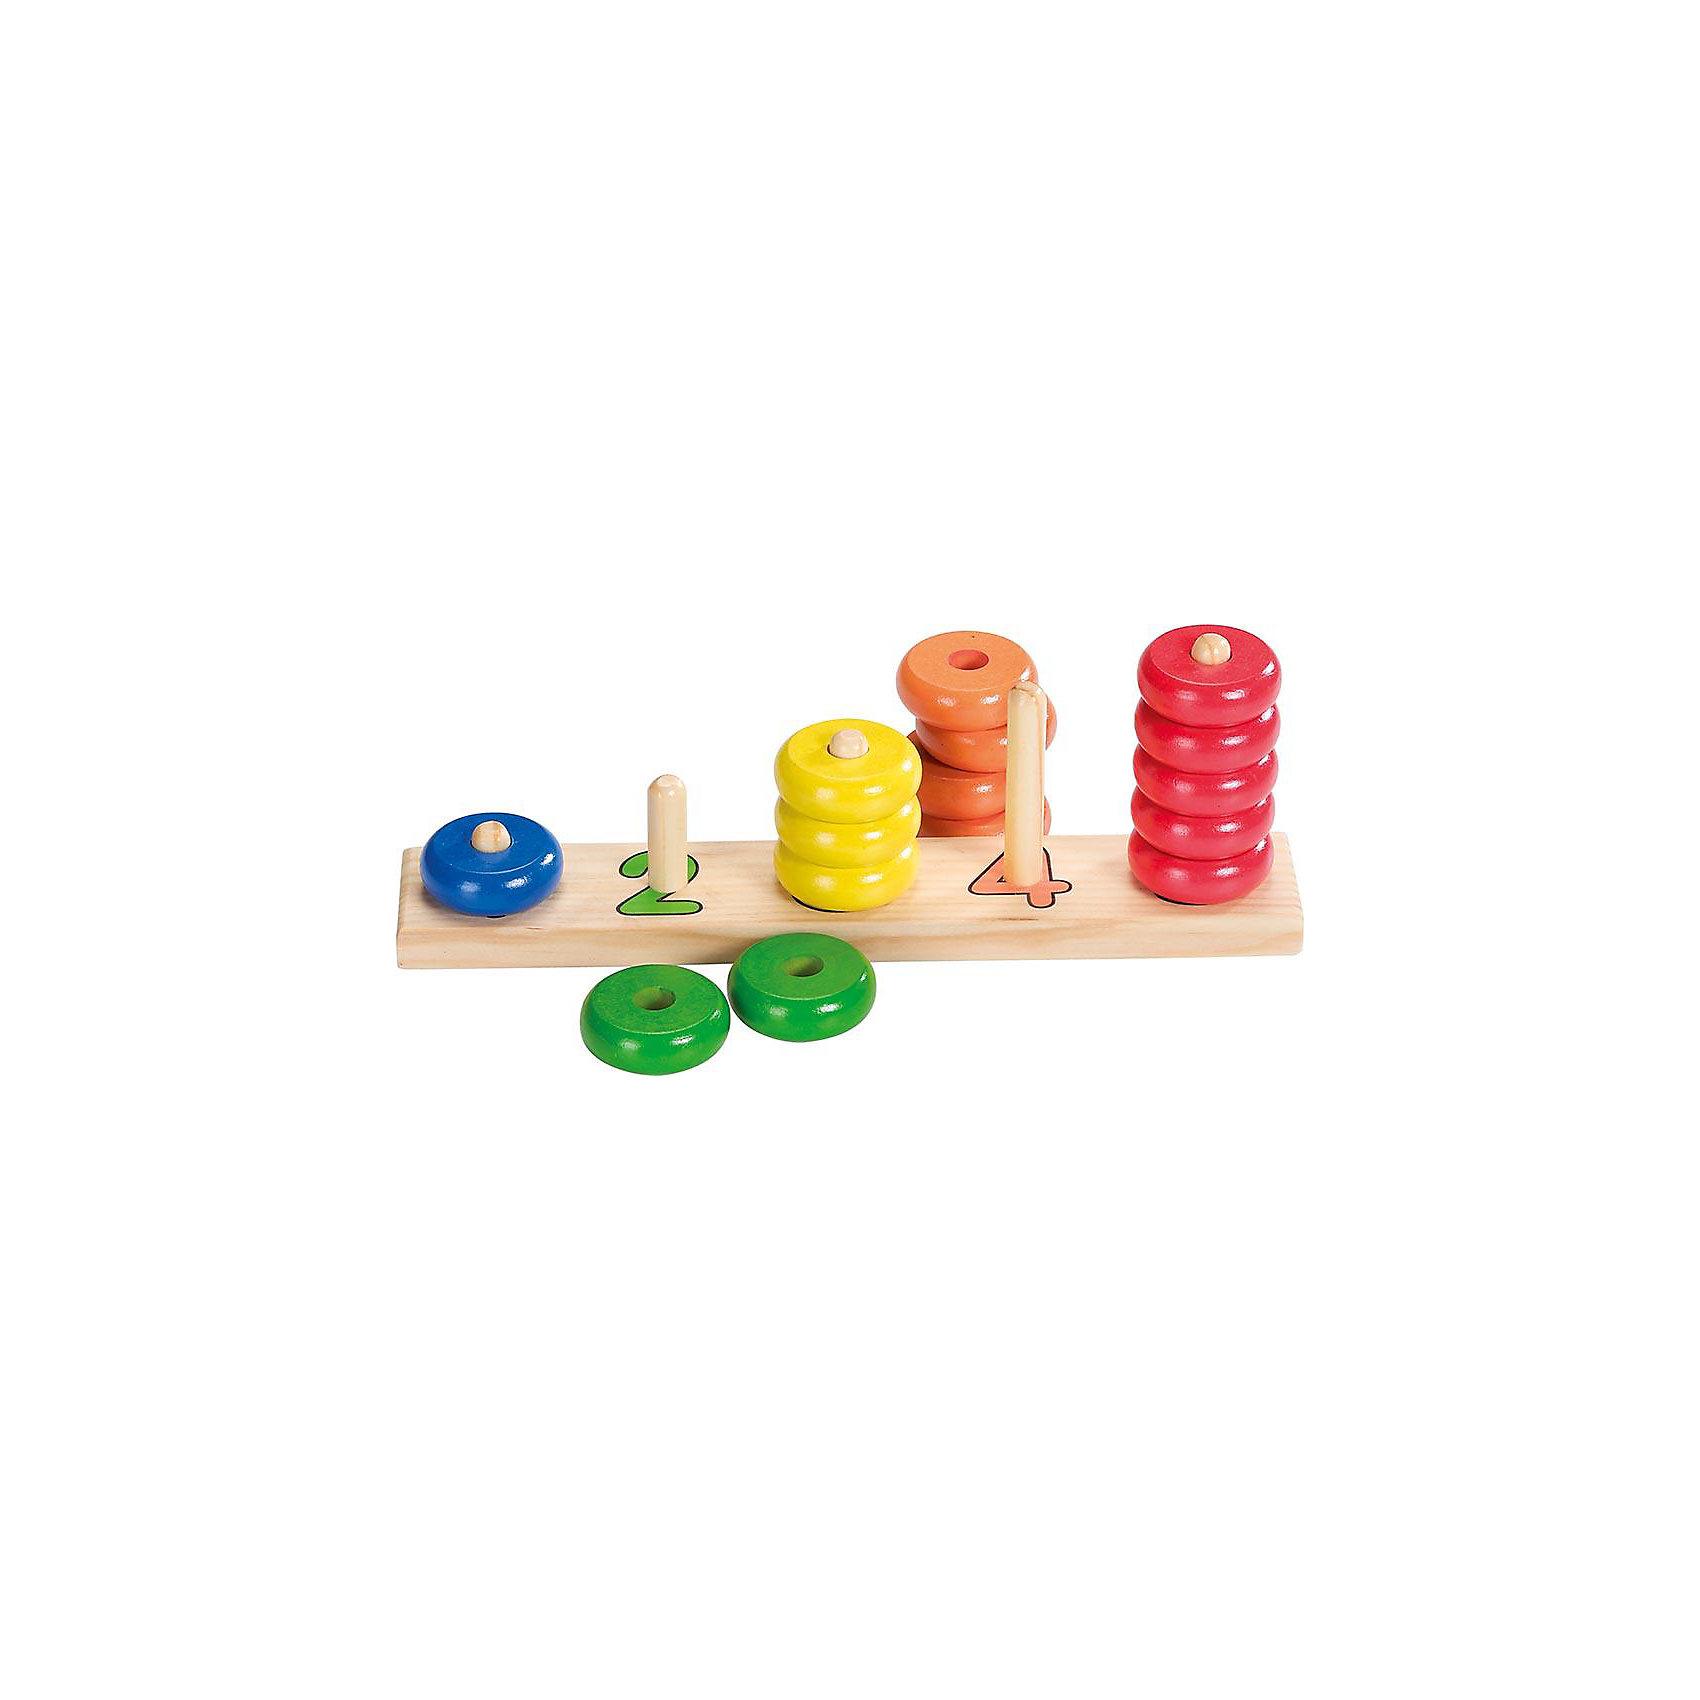 Сортировщик-пирамидка с кольцами Учись считать, gokiРазвивающие игры<br>Сортировщик-пирамидка с кольцами Учись считать, goki<br><br>Характеристики:<br>- Материал: дерево <br>- Размер: 27 * 5 * 9,5 см. <br><br>Сортировщик-пирамидка с кольцами Учись считать, от немецкого бренда развивающих товаров для детей goki (гоки) станет отличным другом малыша. Пять цветов колечек совпадают пяти пирамидкам с цифрами покрашенными в соответствующий колечкам цвет. Игрушка изготовлена из экологически чистого и безопасного материала – дерева. Игрушка окрашена нетоксичными и безопасными красками и отлично отшлифована. Если малыш уже знаком с классической пирамидкой, то этот сортировщик будет отличным дополнением, также сортировщик-пирамидка будет интересна и как первая пирамидка крохи. С помощью этой игрушки ребенок разовьет логику, моторику рук, научится цветам и счету до пяти. Сортировщик-пирамидка отлично подойдет как девочкам, так и мальчикам.<br><br>Сортировщик-пирамидку с кольцами Учись считать, goki (гоки) можно купить в нашем интернет-магазине.<br>Подробнее:<br>• Для детей в возрасте: от 3 до 6 лет <br>• Номер товара: 2207672<br>Страна производитель: Германия<br><br>Ширина мм: 270<br>Глубина мм: 50<br>Высота мм: 95<br>Вес г: 400<br>Возраст от месяцев: 36<br>Возраст до месяцев: 72<br>Пол: Унисекс<br>Возраст: Детский<br>SKU: 2207672